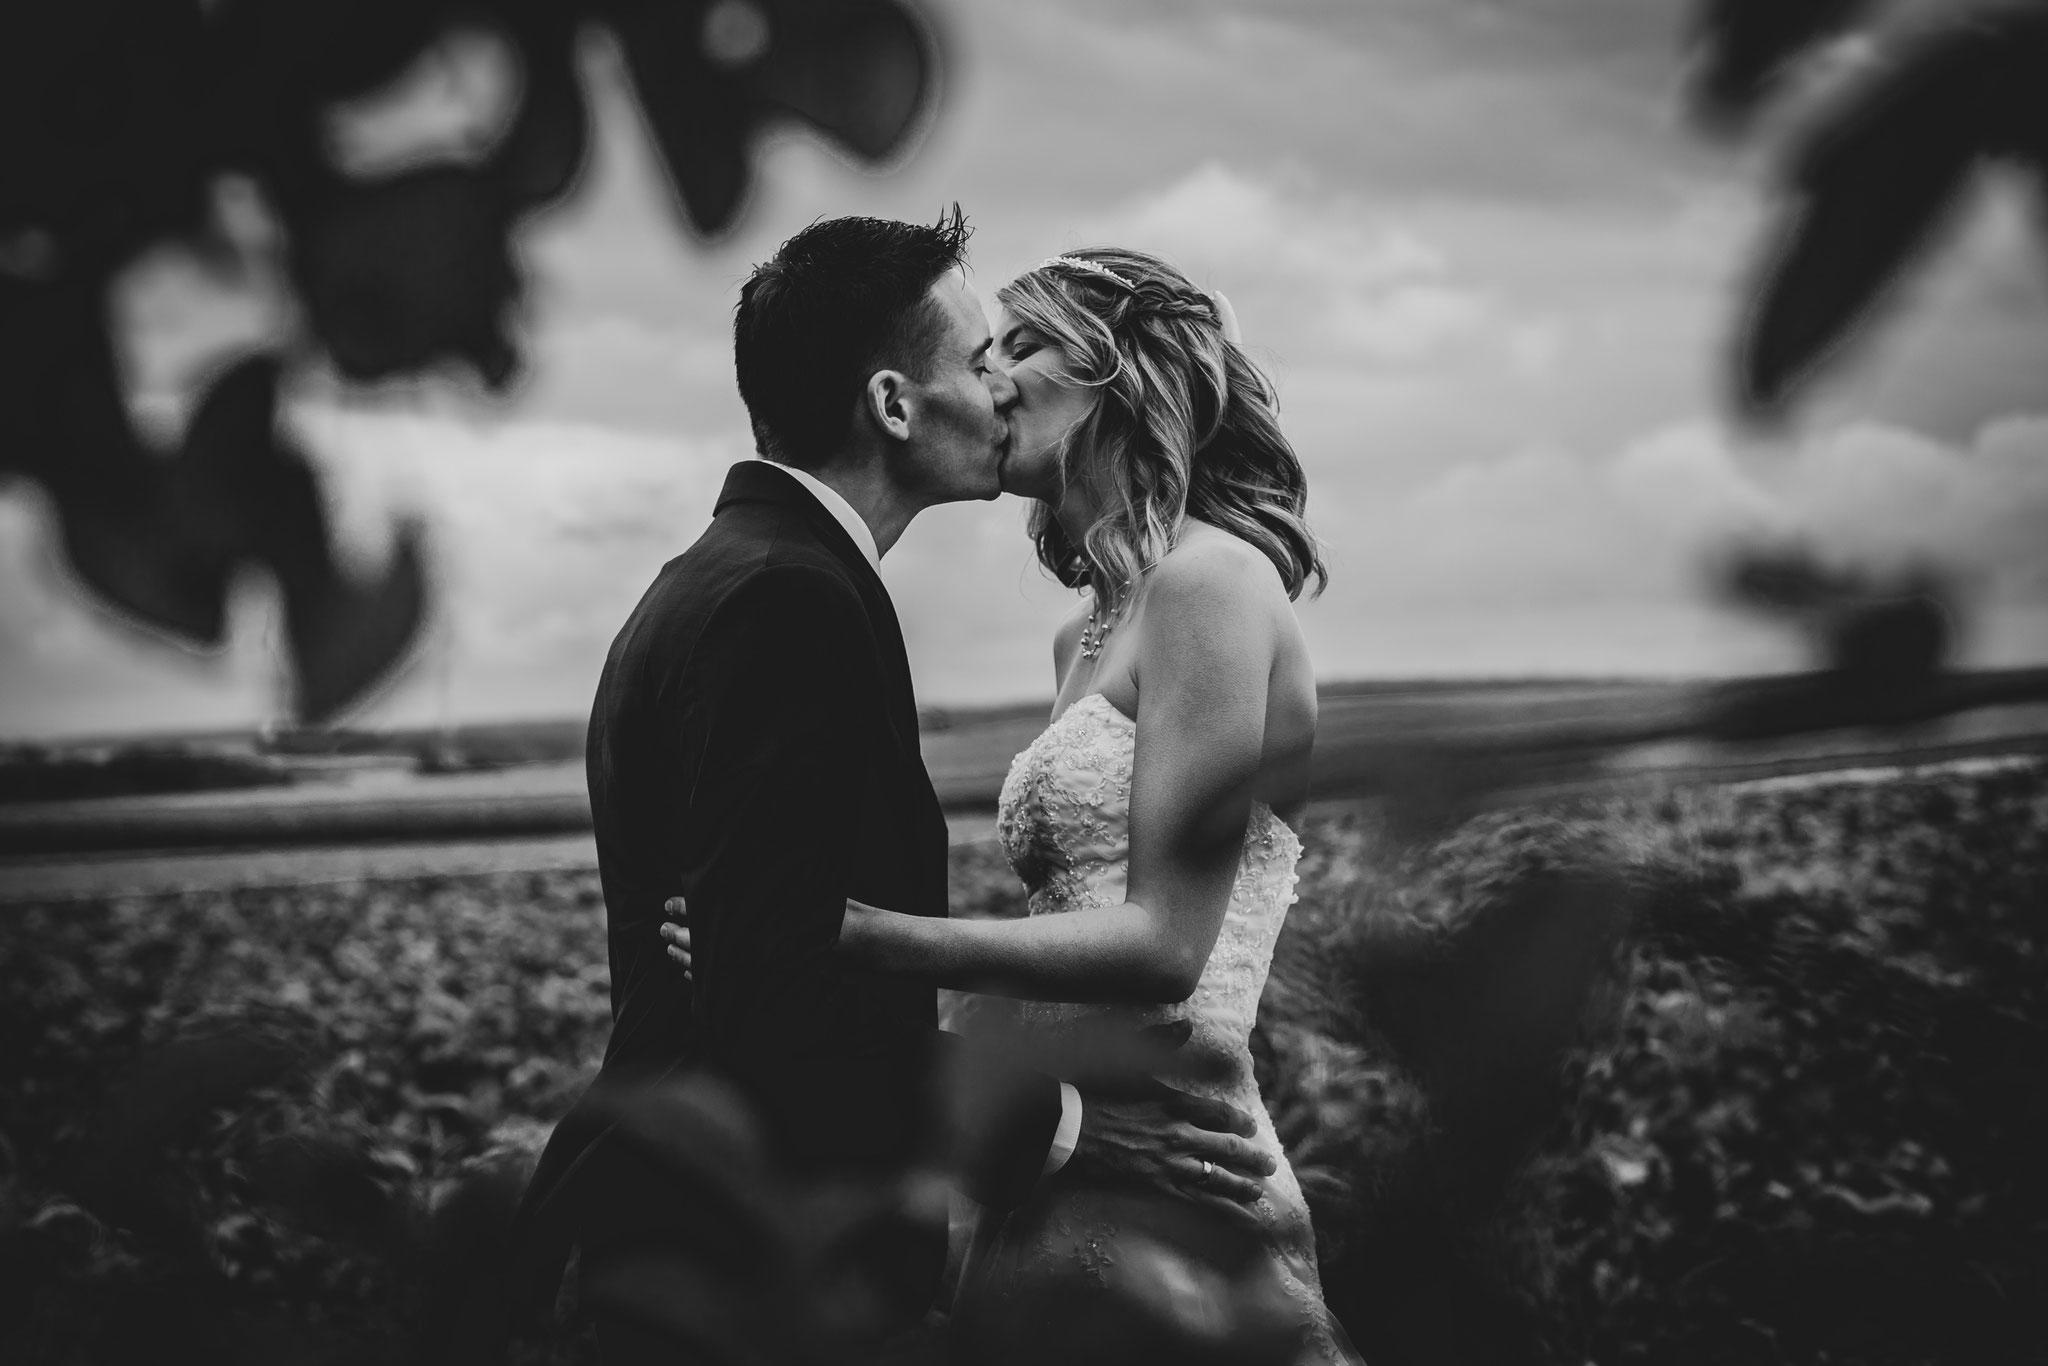 klassische Hochzeitsfotos in schwarz/weiß Fotograf Würzburg